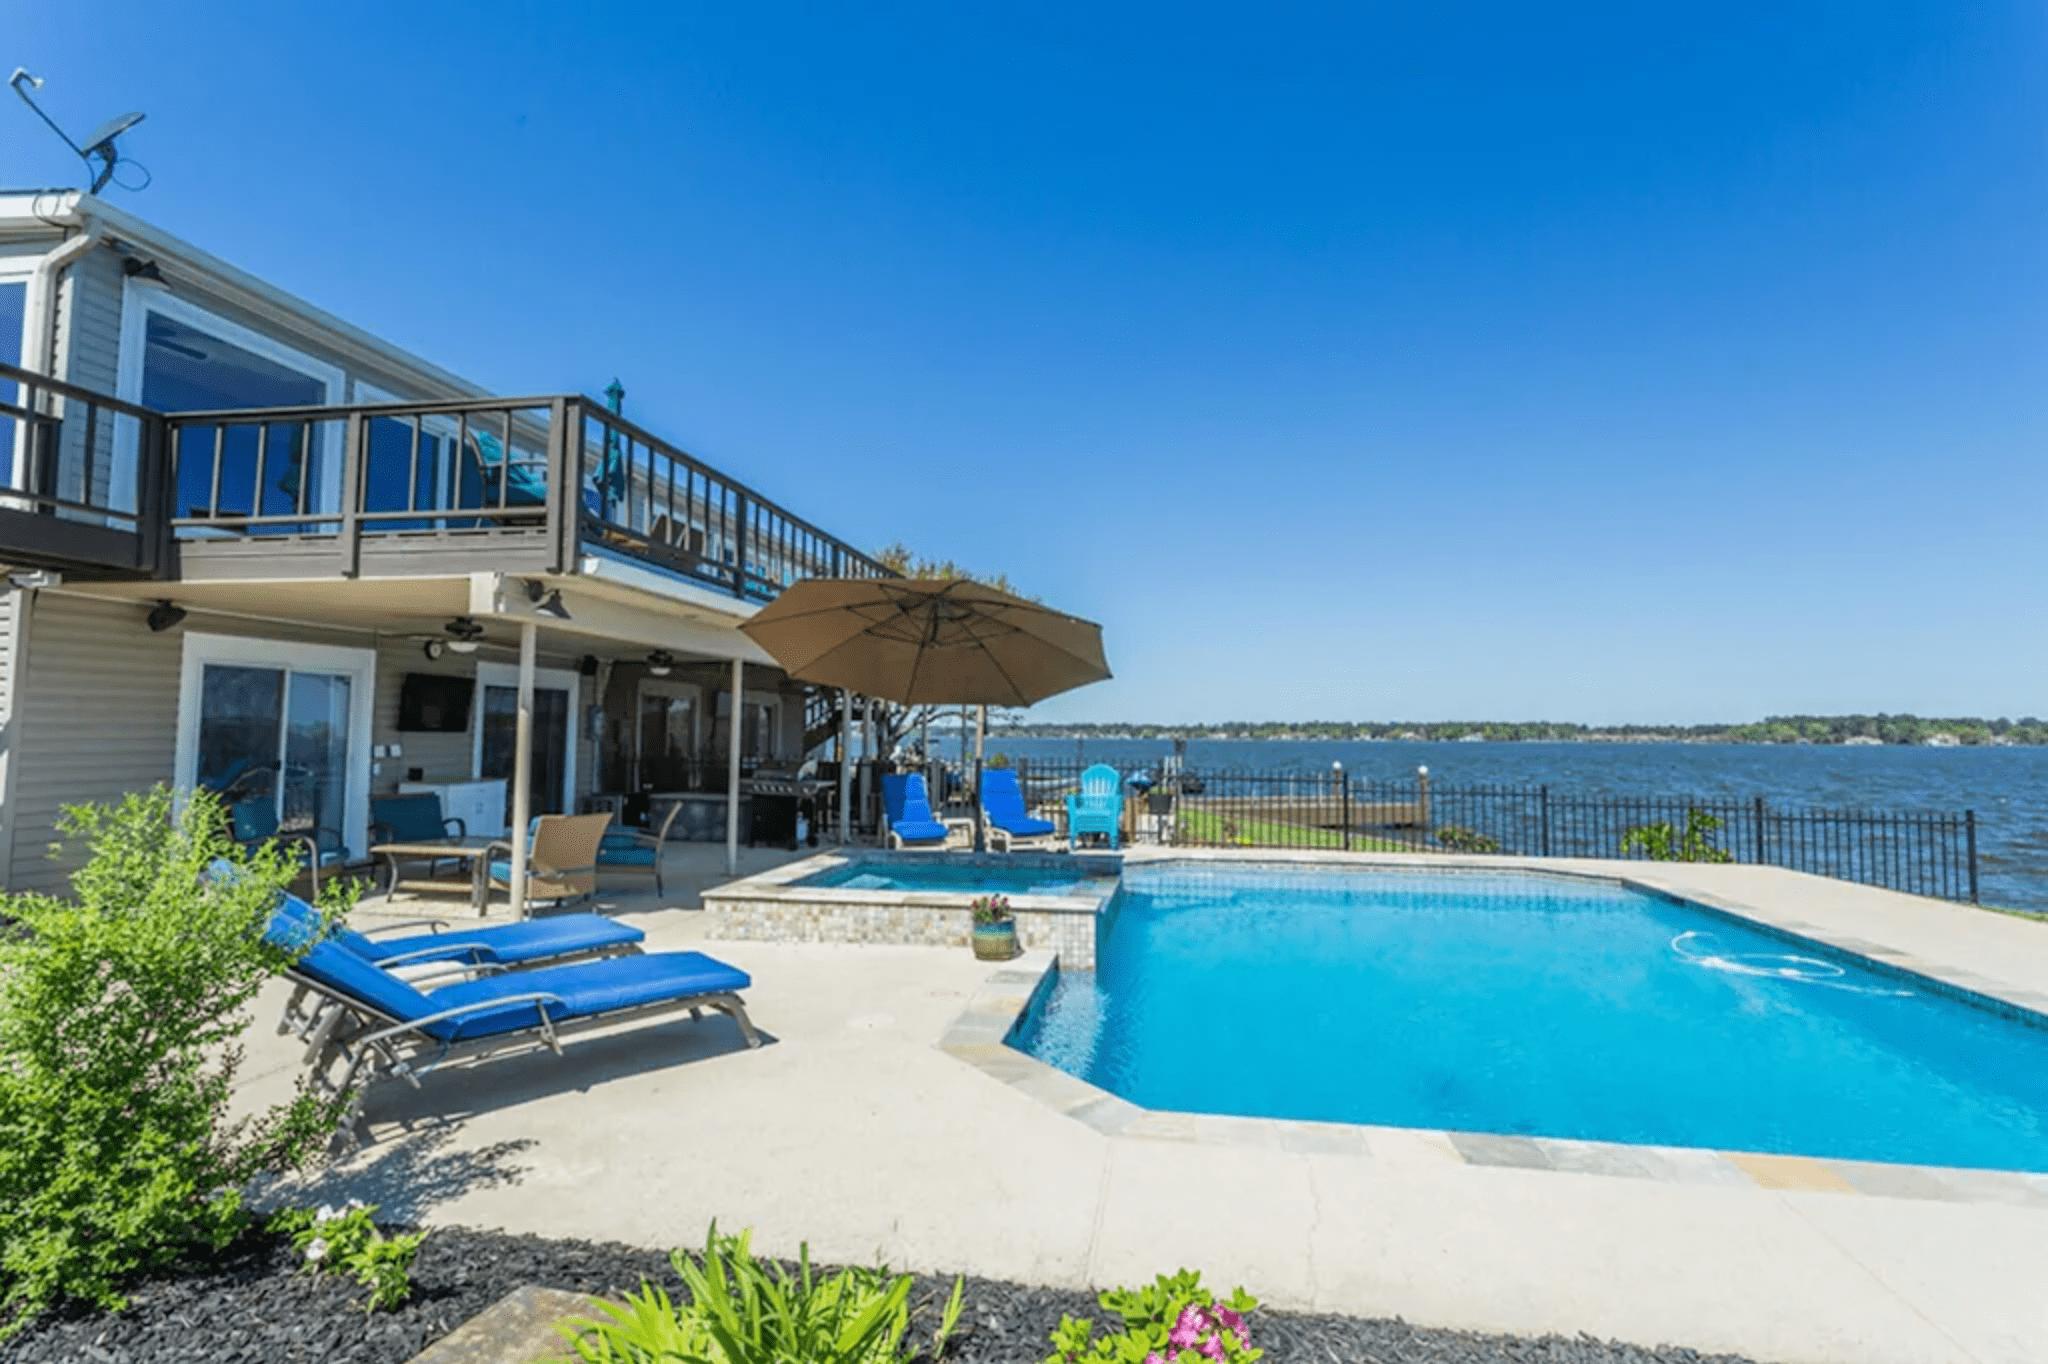 Beach-house vibes: Lake Travis, Texas